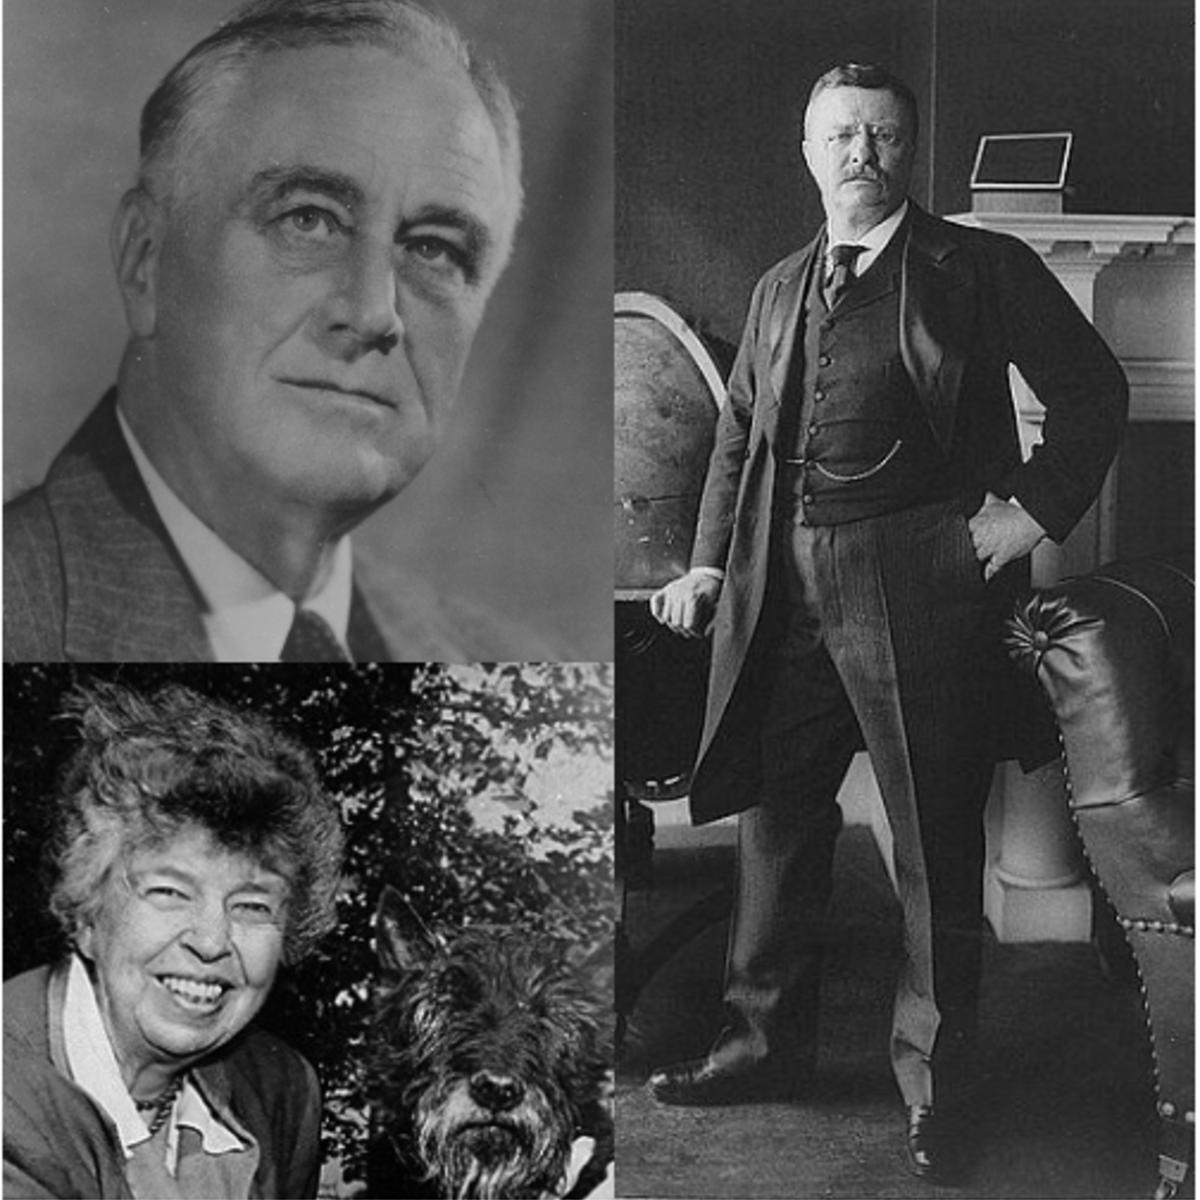 The Rooseveltian Century